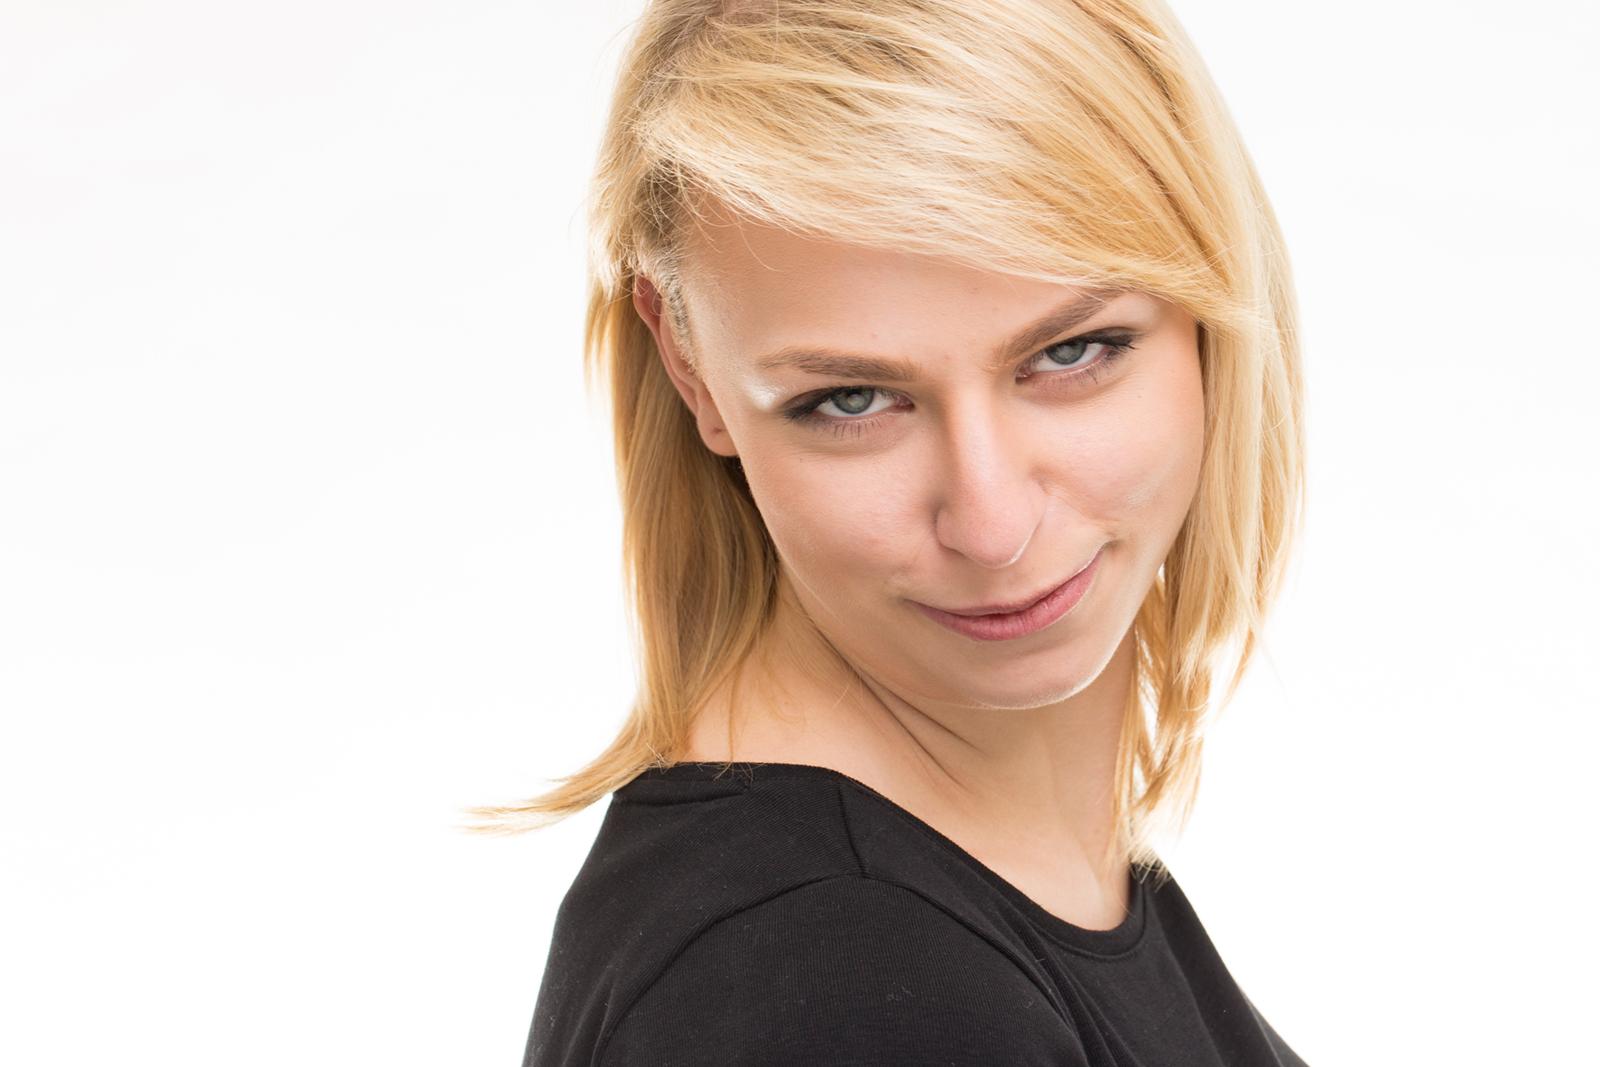 Headshot bzw Portrait von Alexandra im Peter Hurley Style Stil